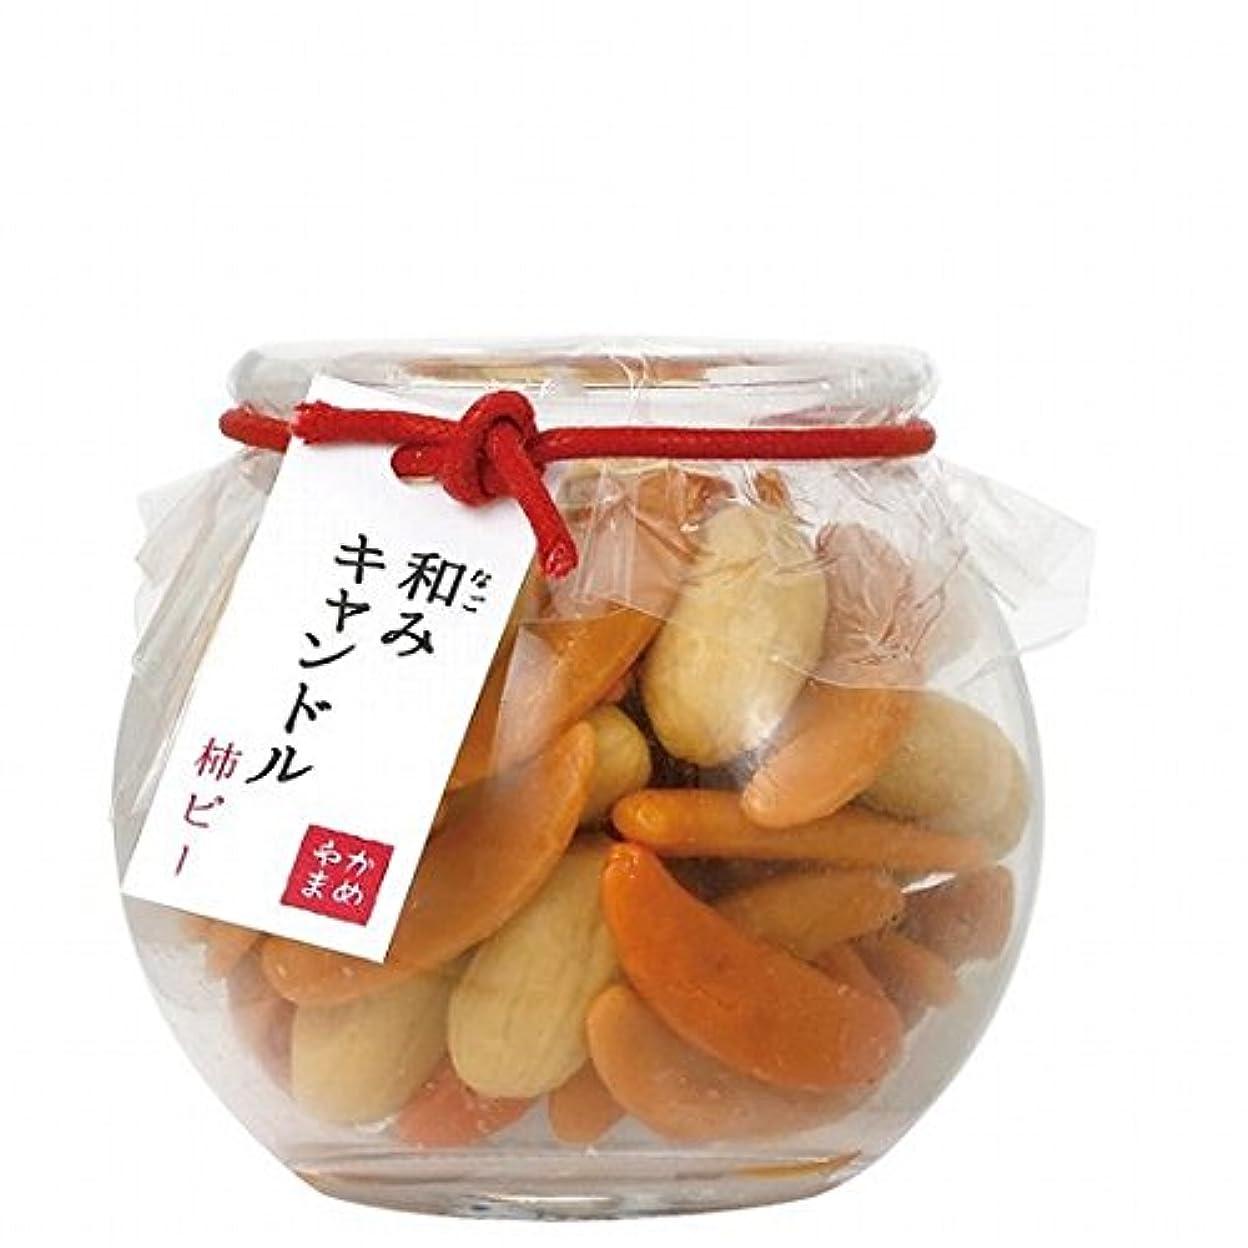 処方セッション盟主カメヤマキャンドル(kameyama candle) 和みキャンドル 「柿ピー」